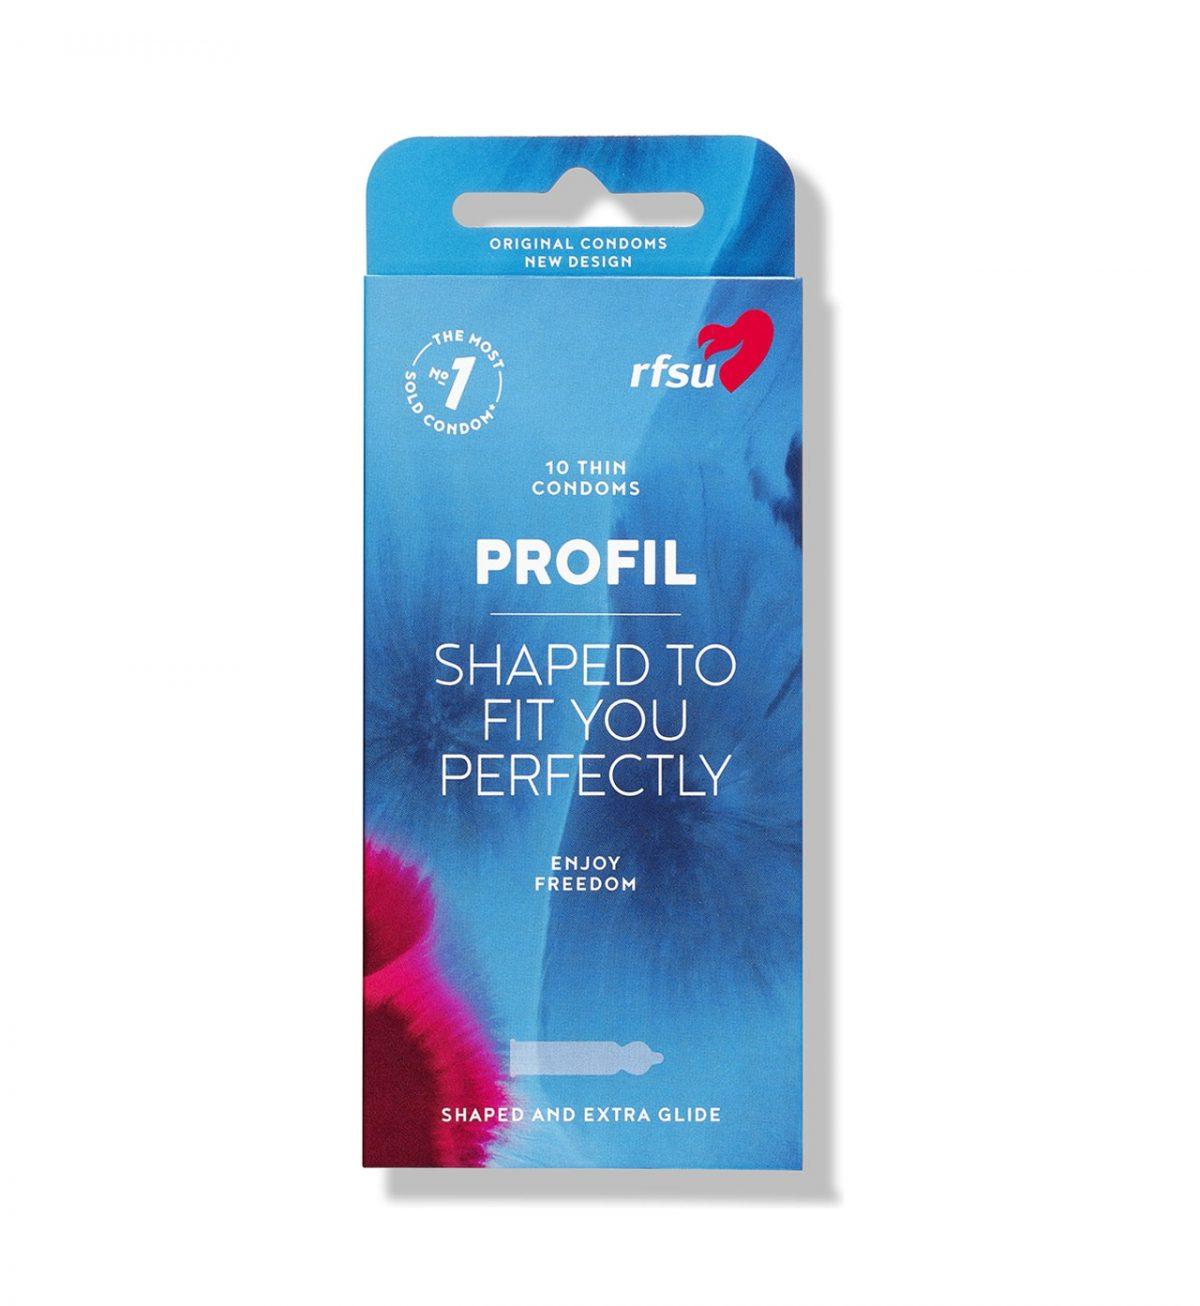 rfsu profil kondom 10 pack